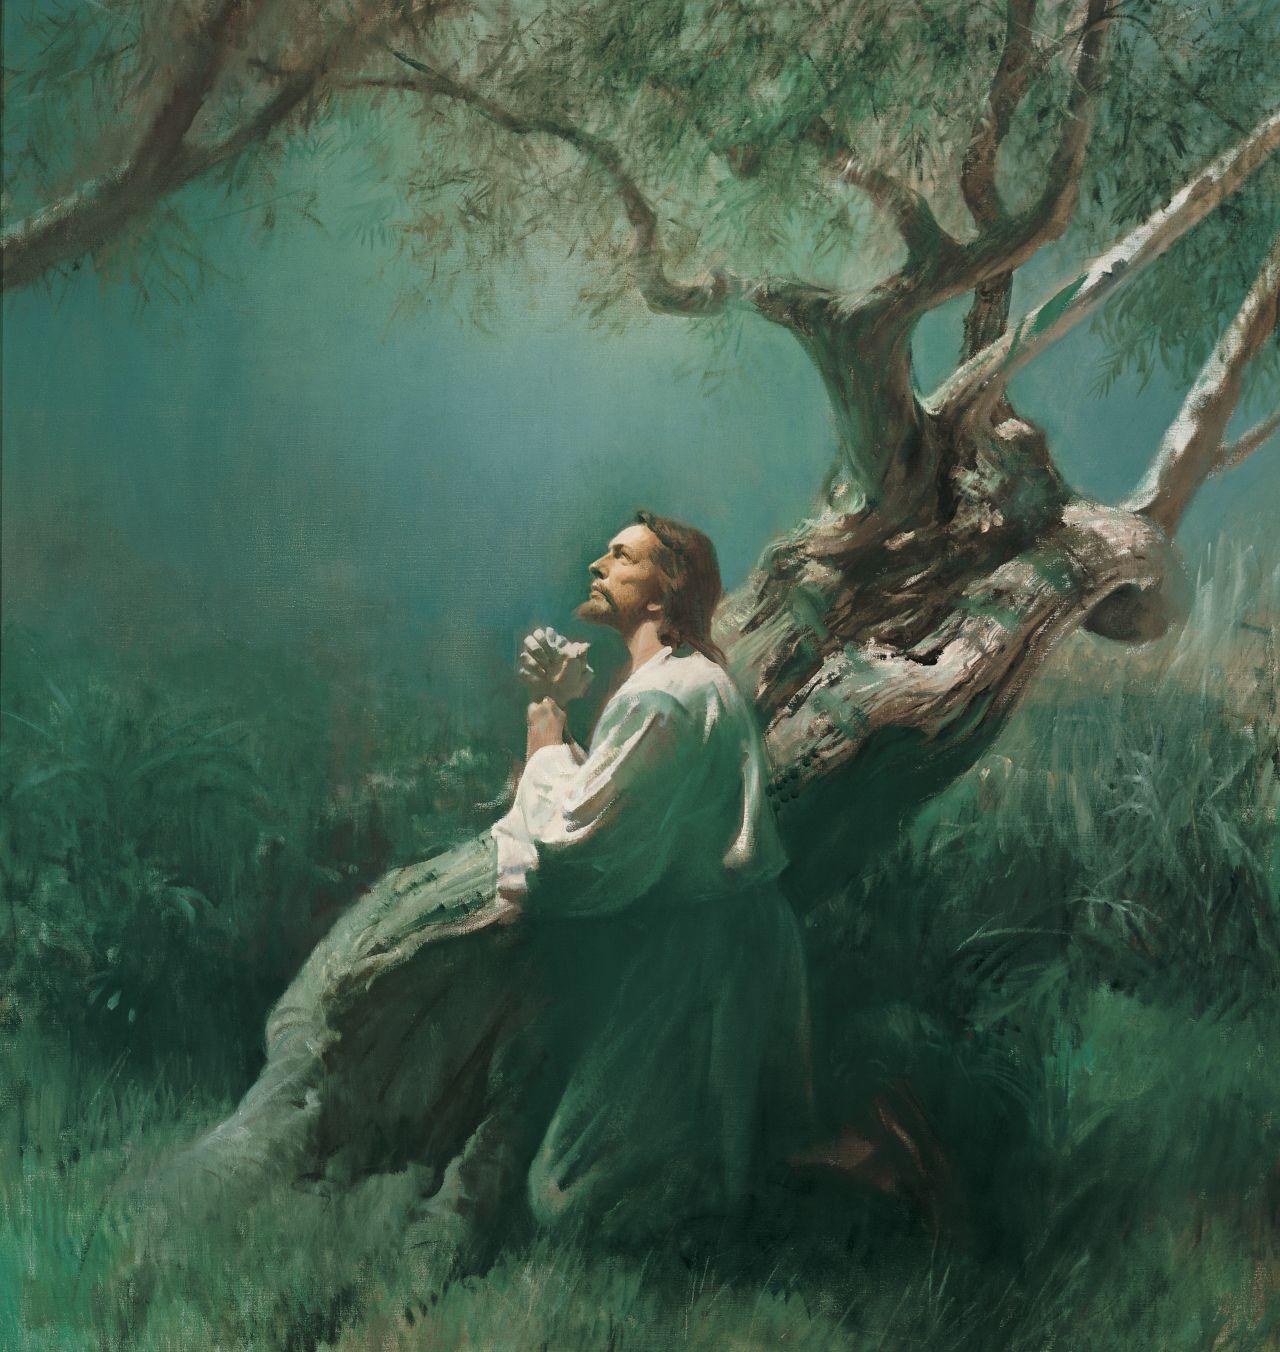 Jésus-Christ souffre pour nos péchés dans le jardin de Gethsémané